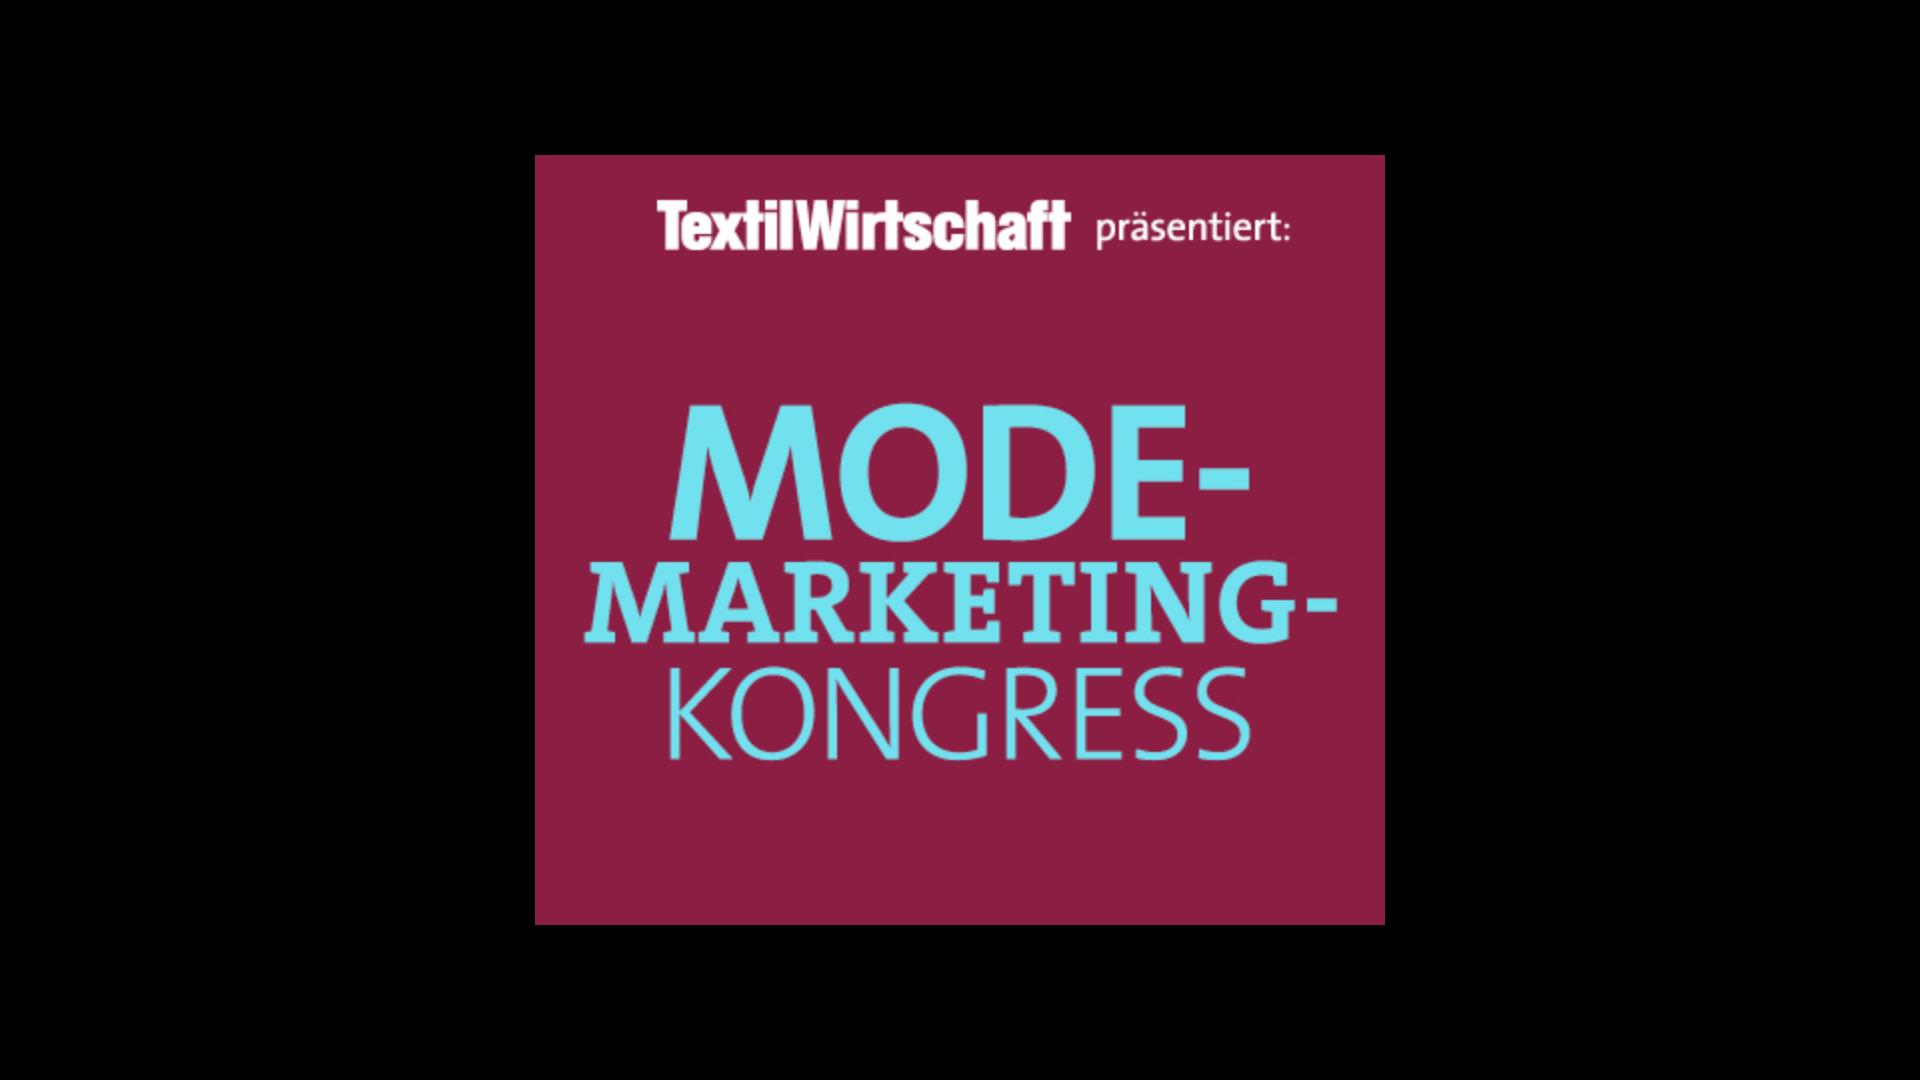 modemarkenting kongress messenger marketing